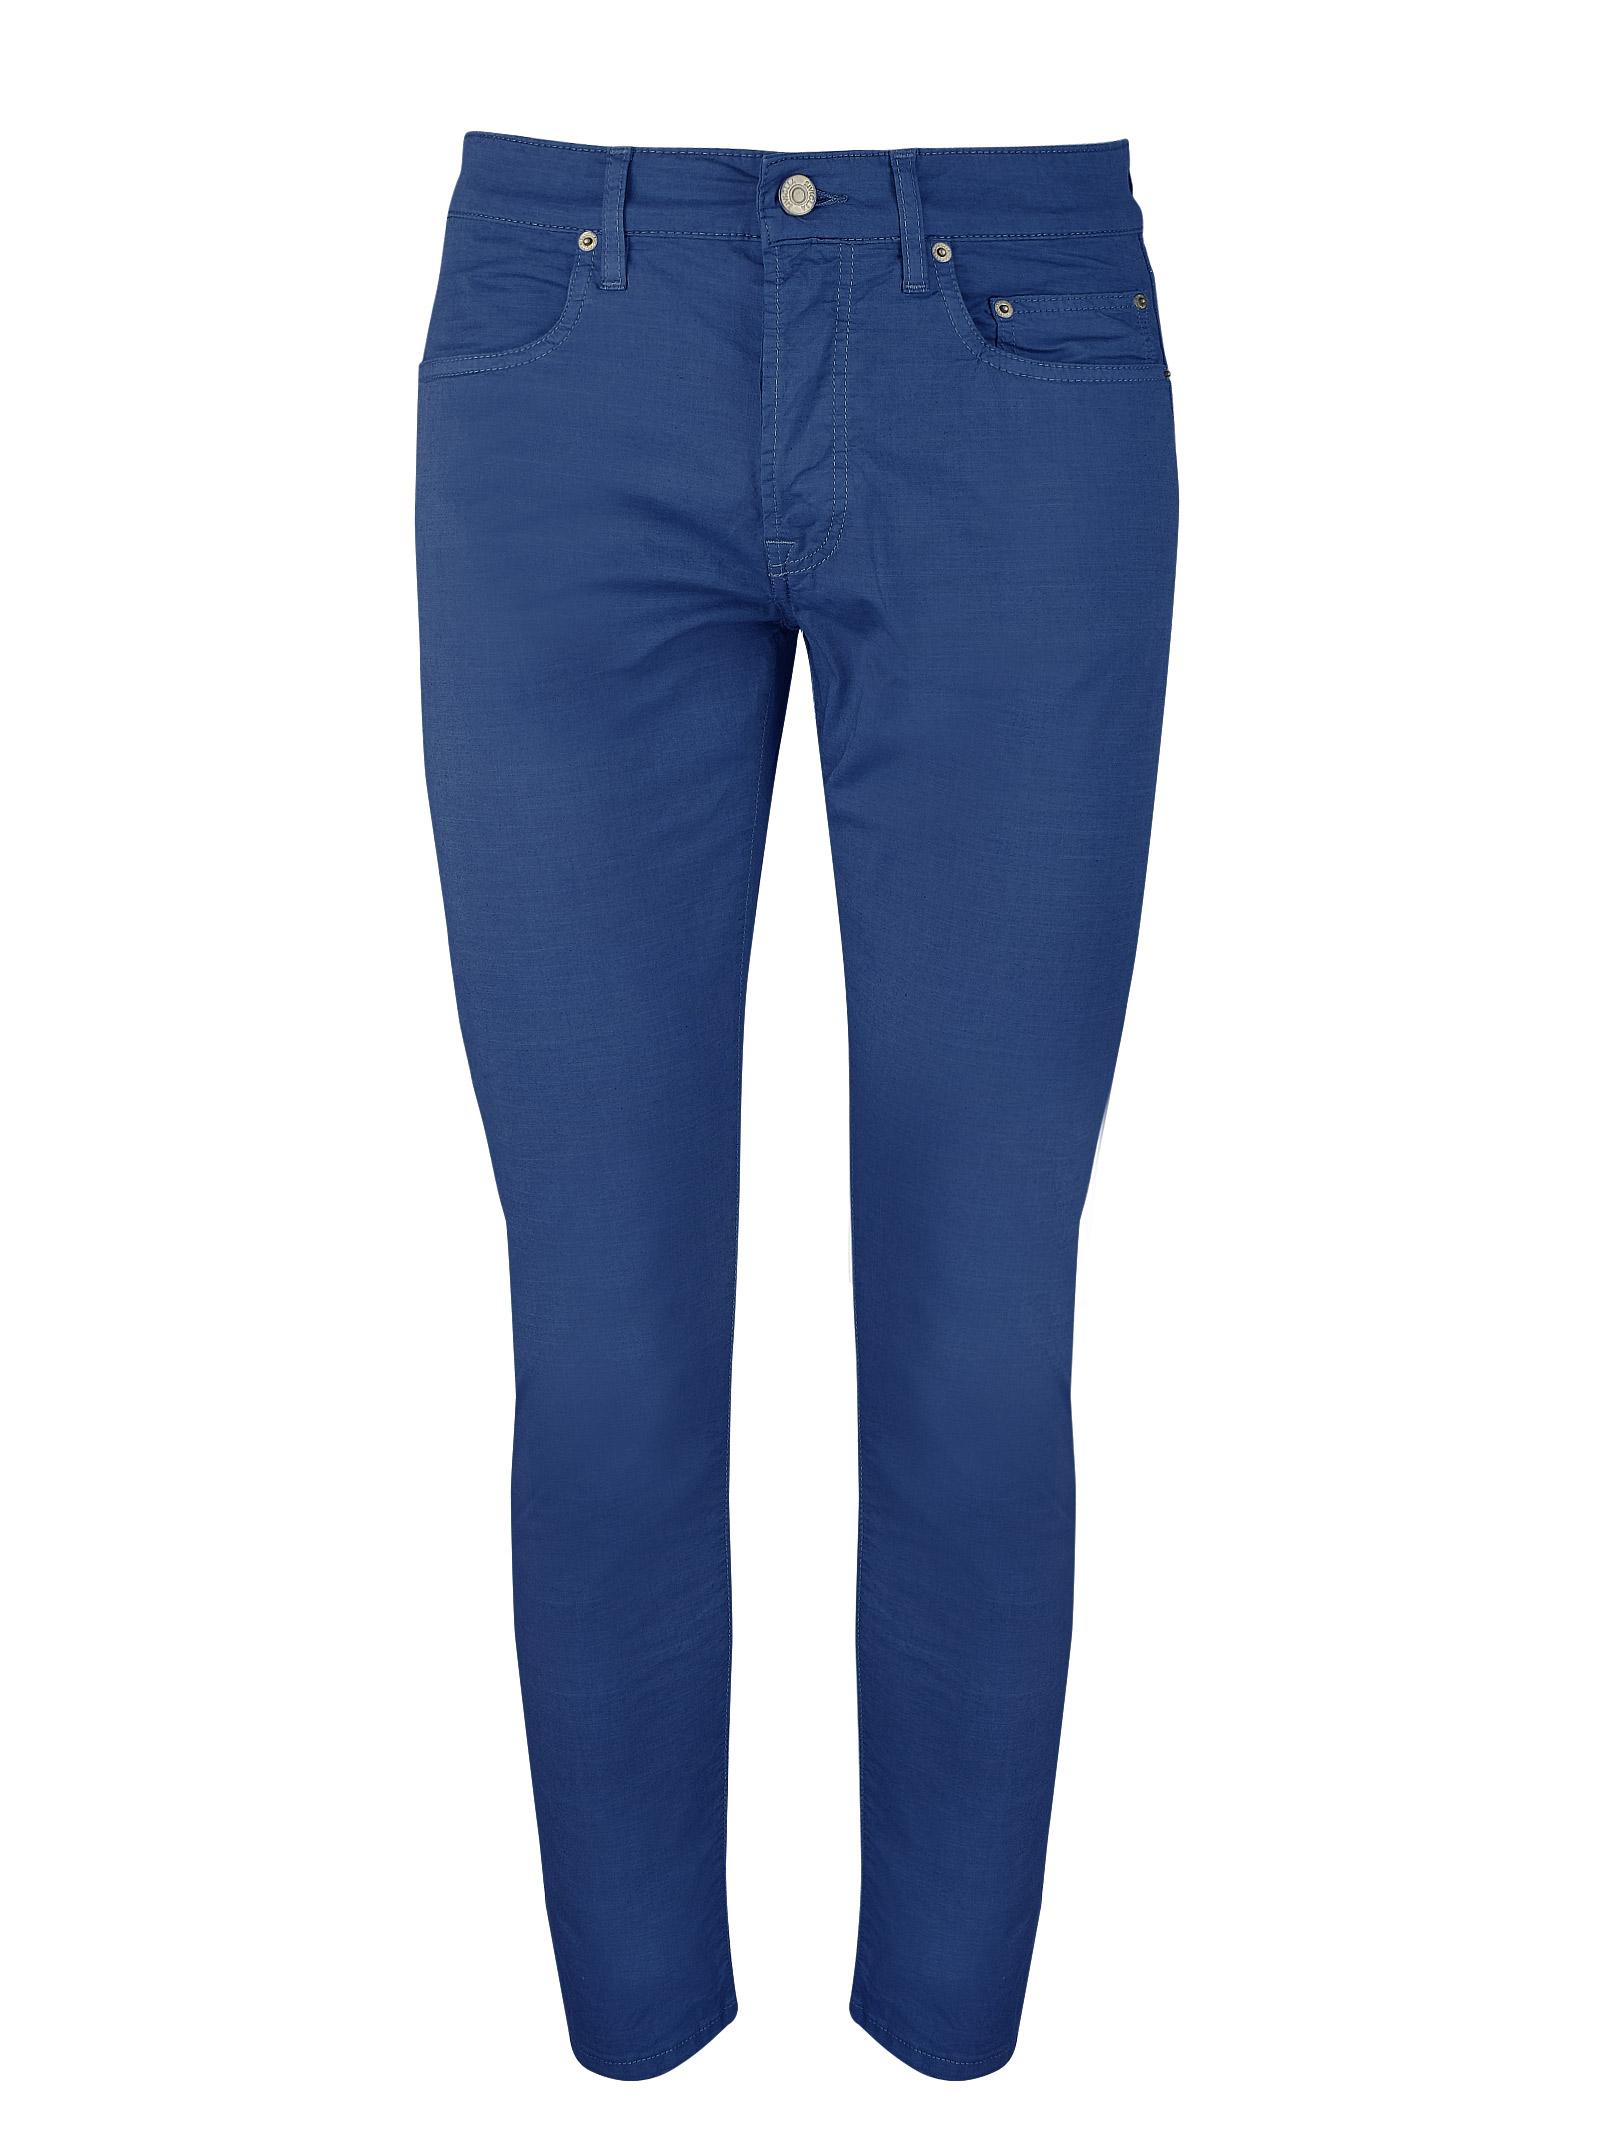 pantaloni 5 tasche in cotone SIVIGLIA | Pantaloni | MQ2005 80280645